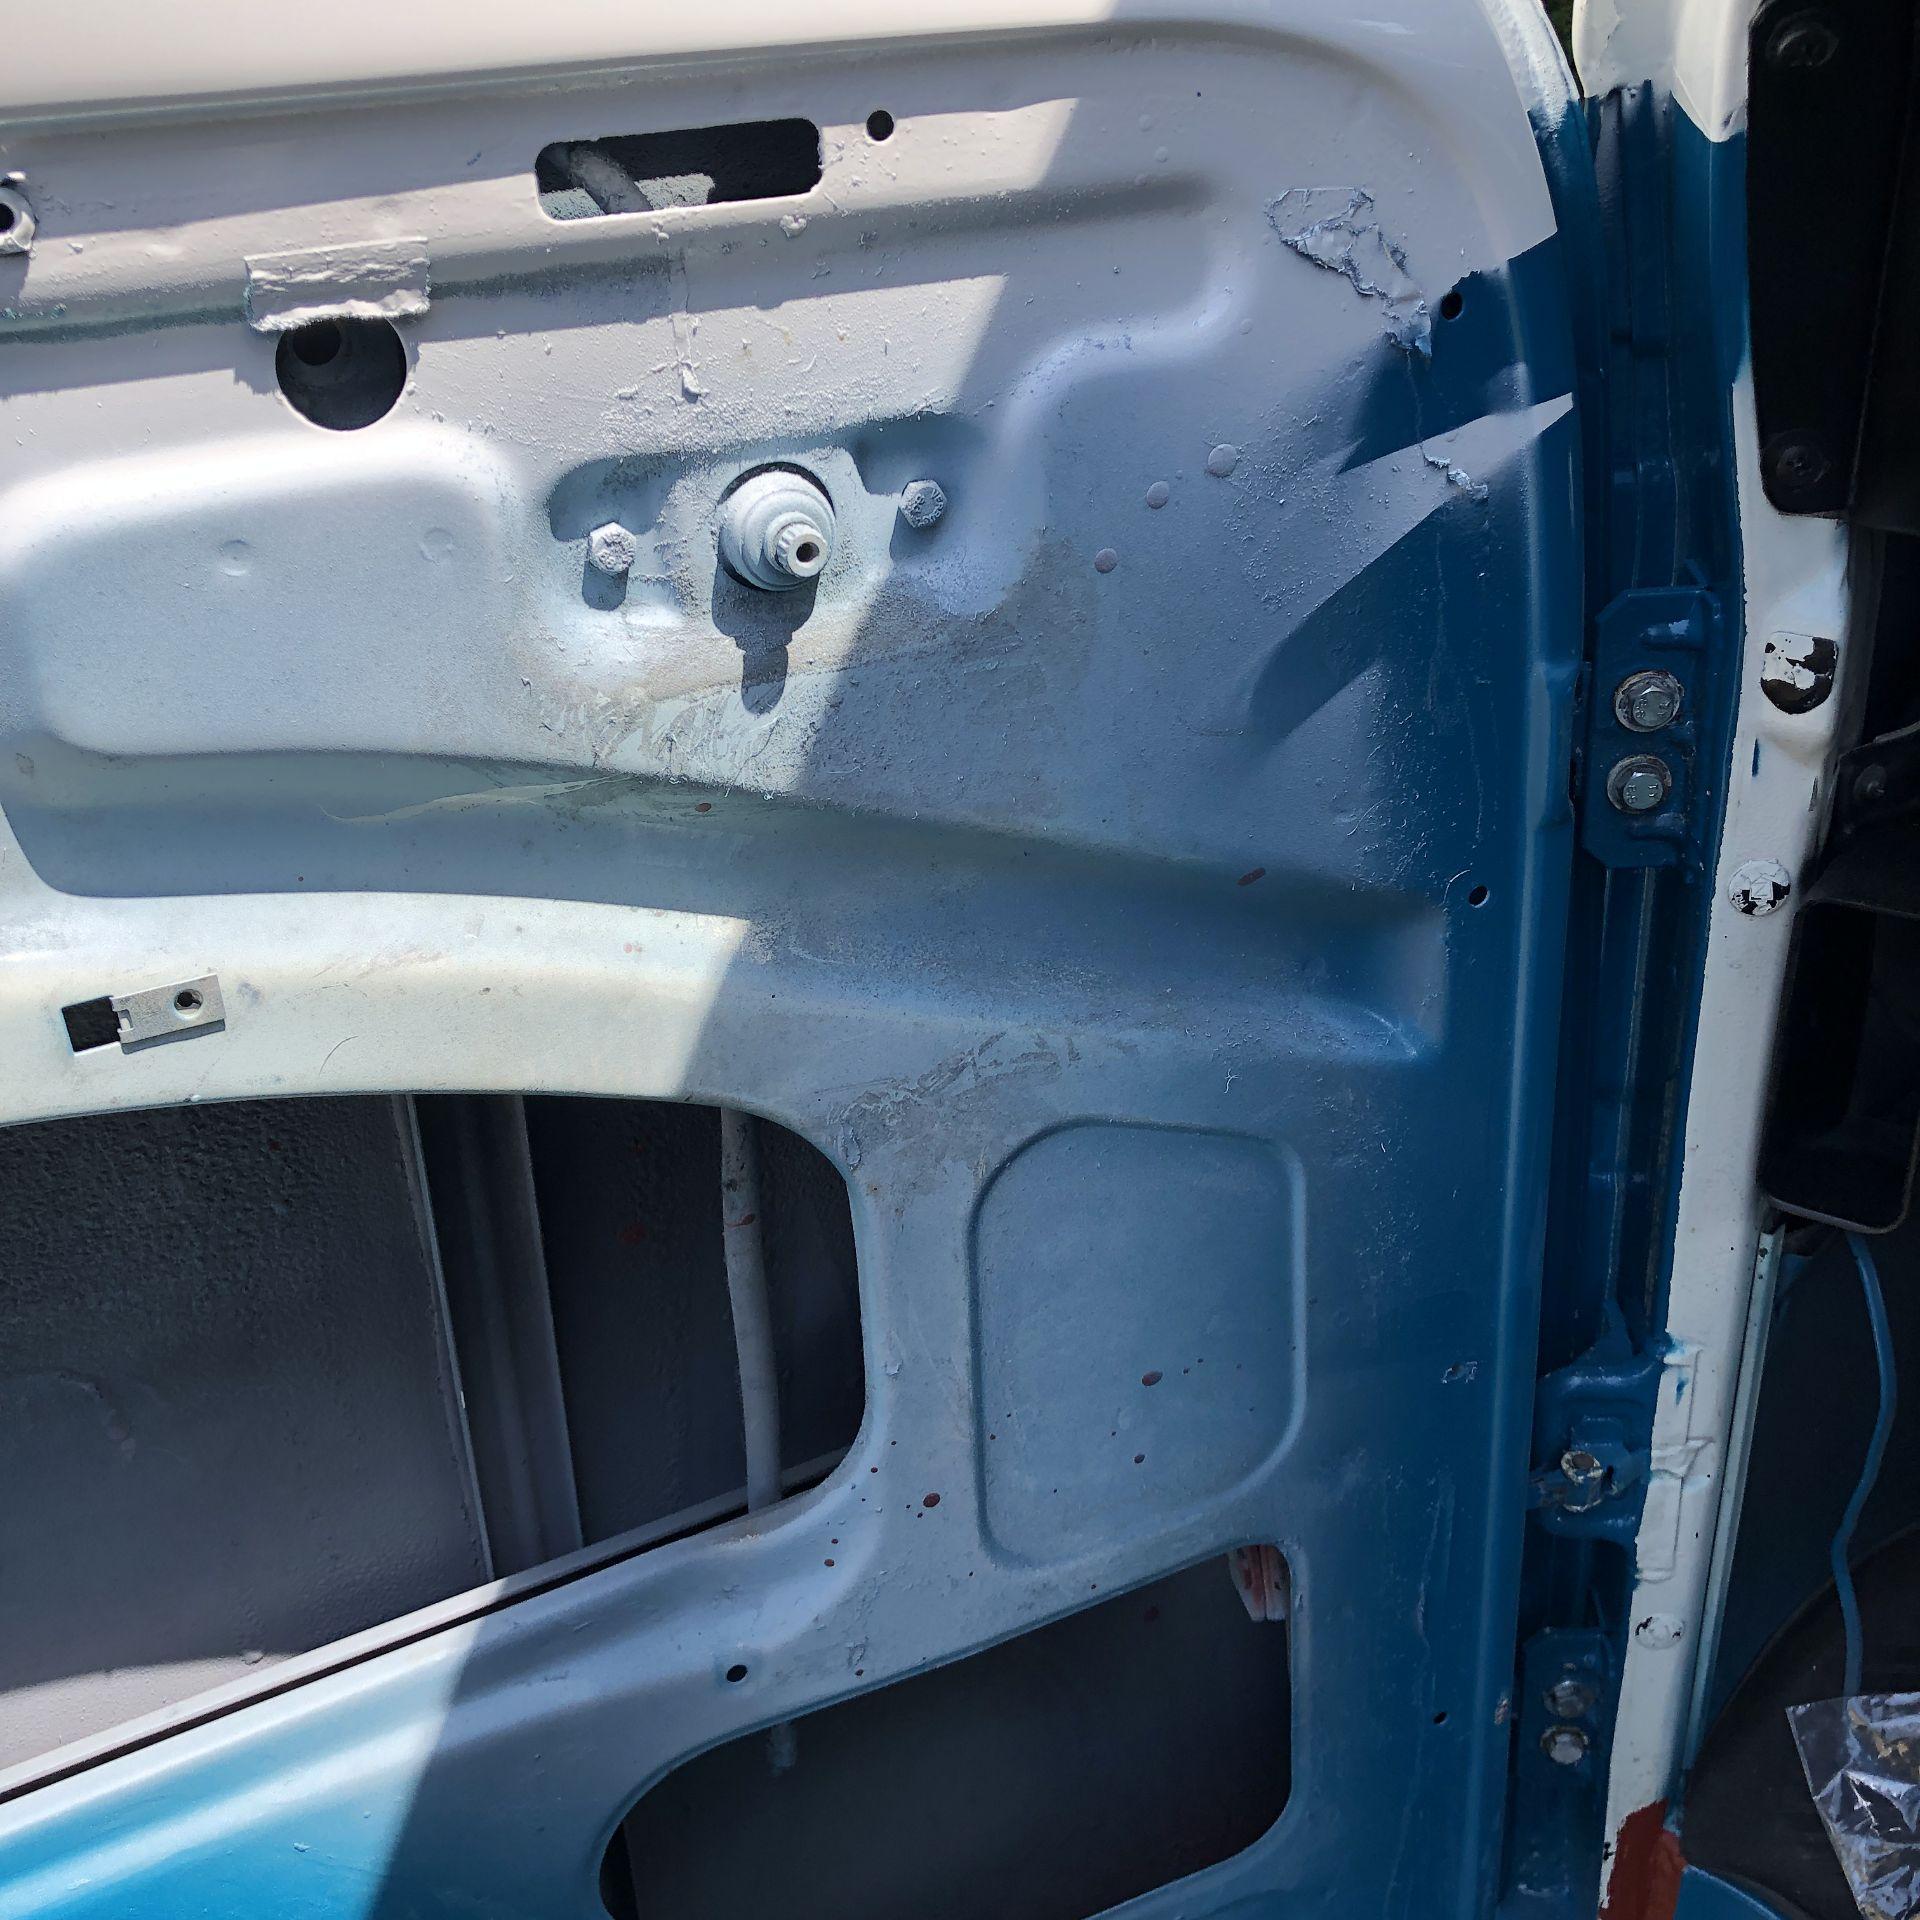 VW Microbus 8 Seater Caravanette Devon - 'Mr Blue' Petrol, Registration UMH 420S, First Registered - Image 40 of 47